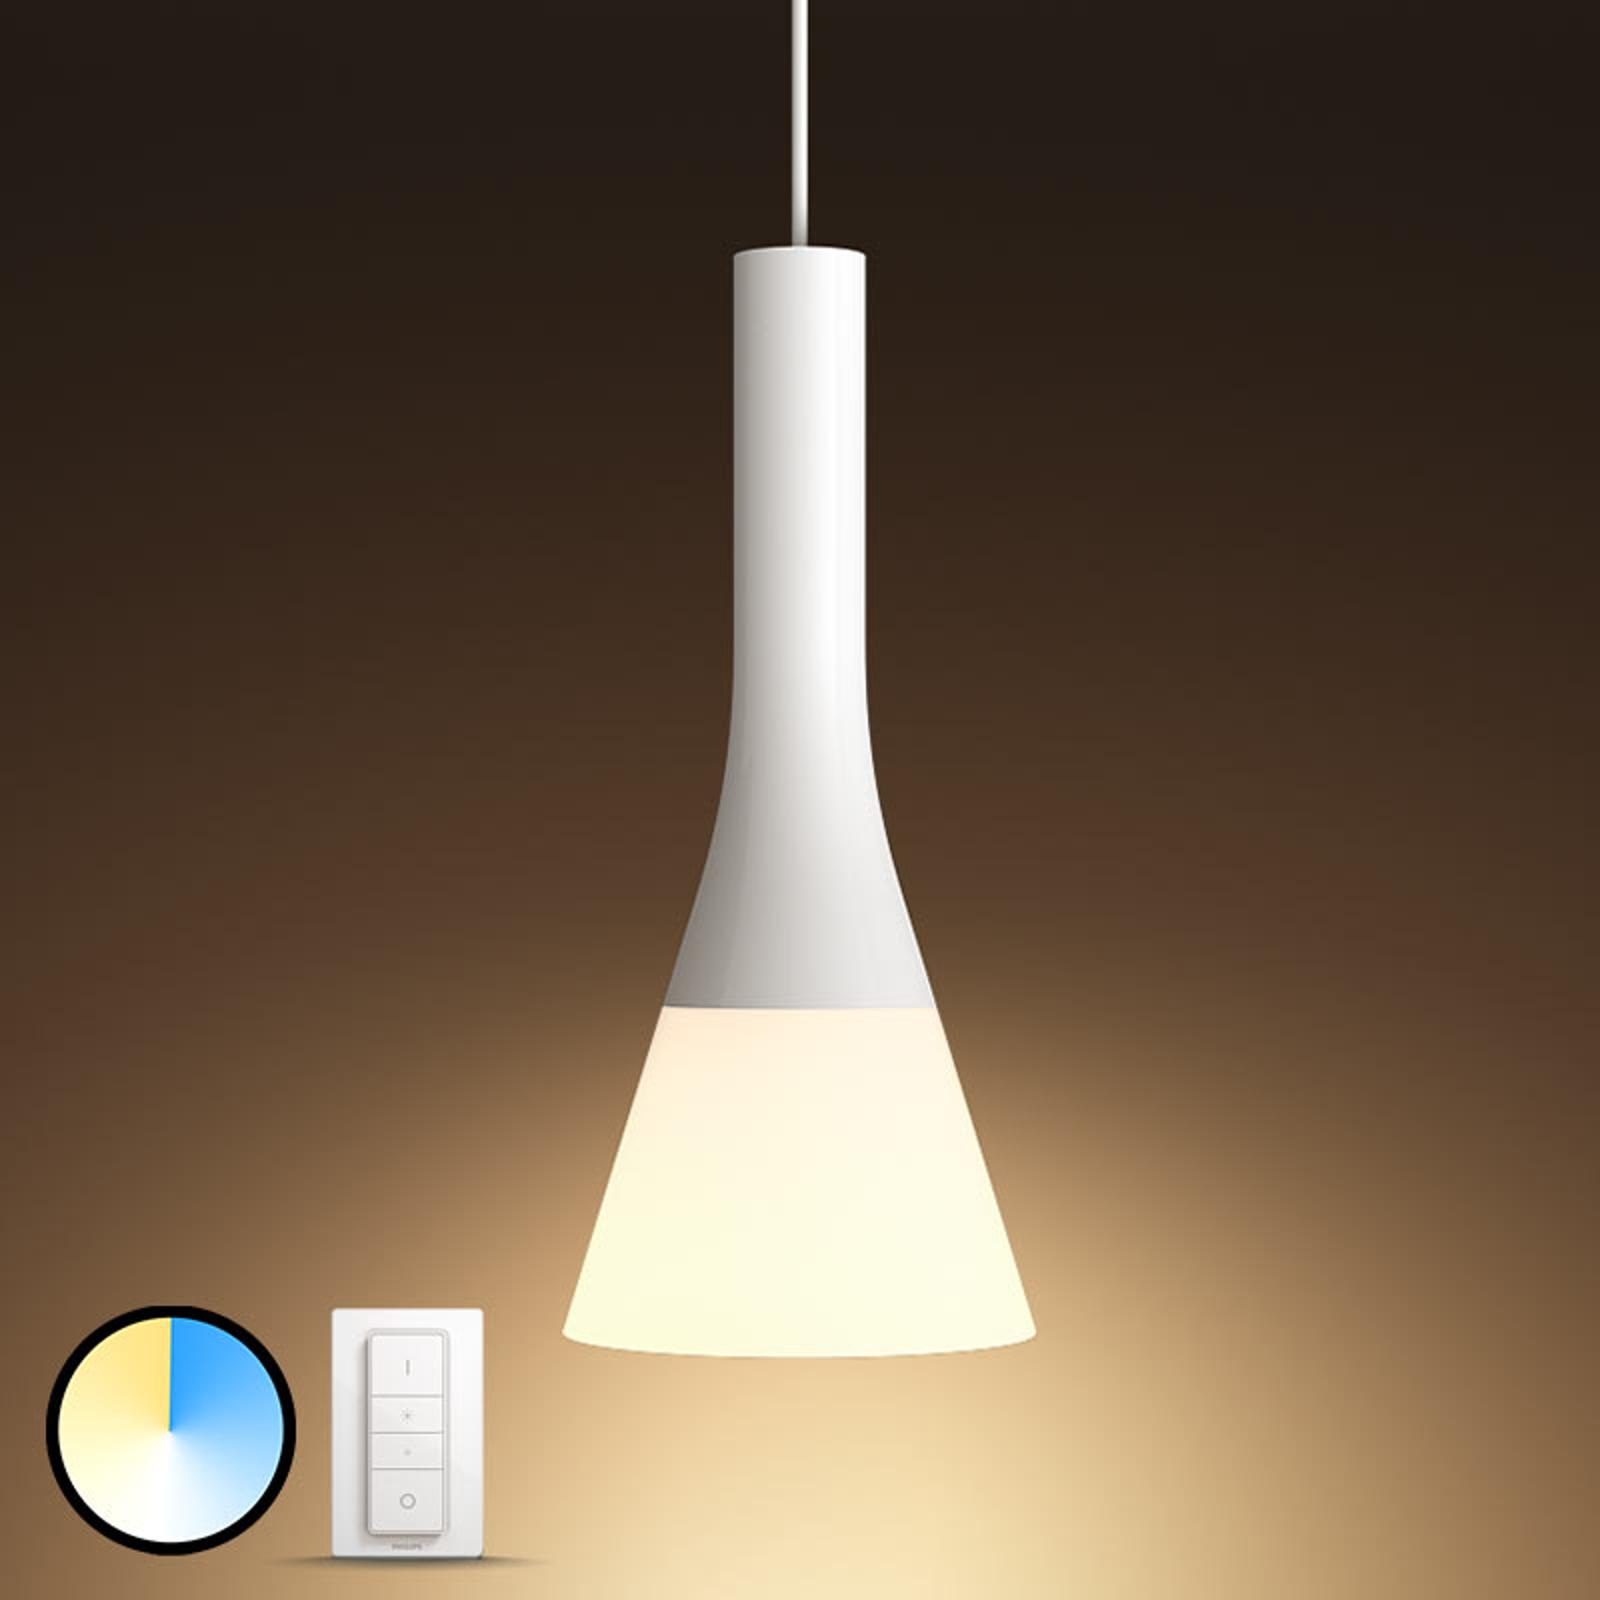 Philips Hue White Ambiance hanglamp dimschakelaar